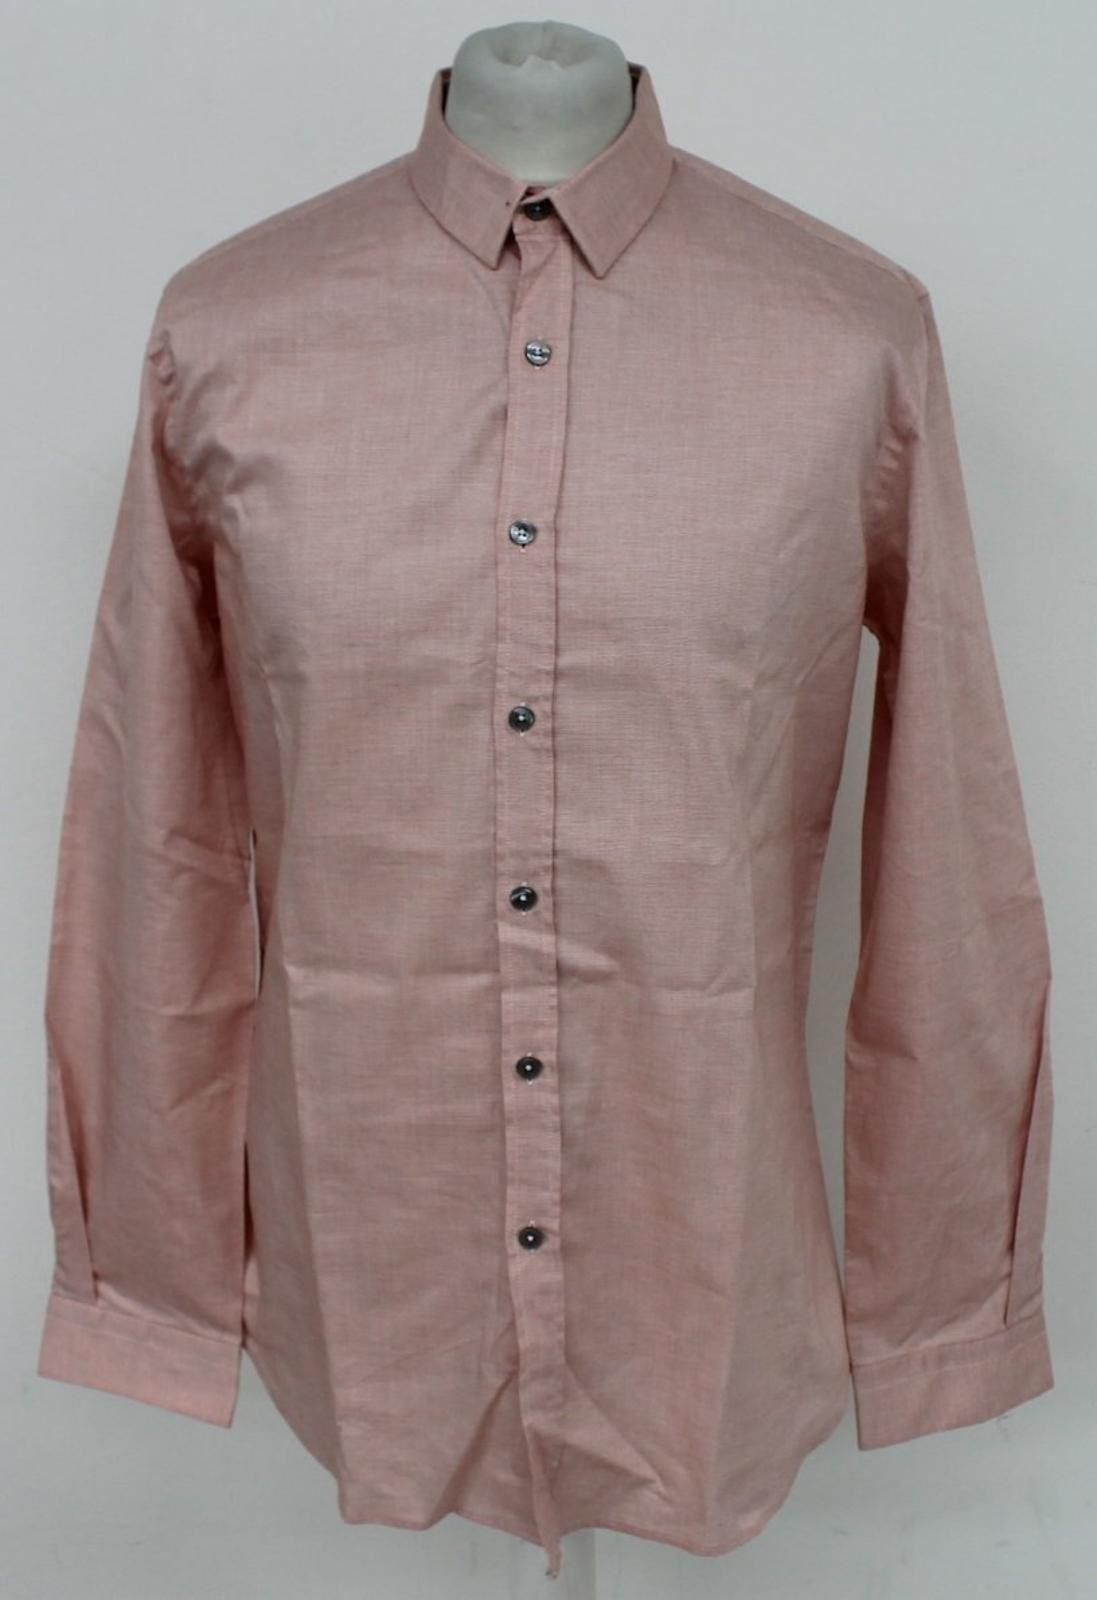 Paul-Smith-Para-Hombre-Rojo-Y-Blanco-Micro-Grafico-Impresion-a-medida-con-Camisa-Talla-17-43-Nuevo